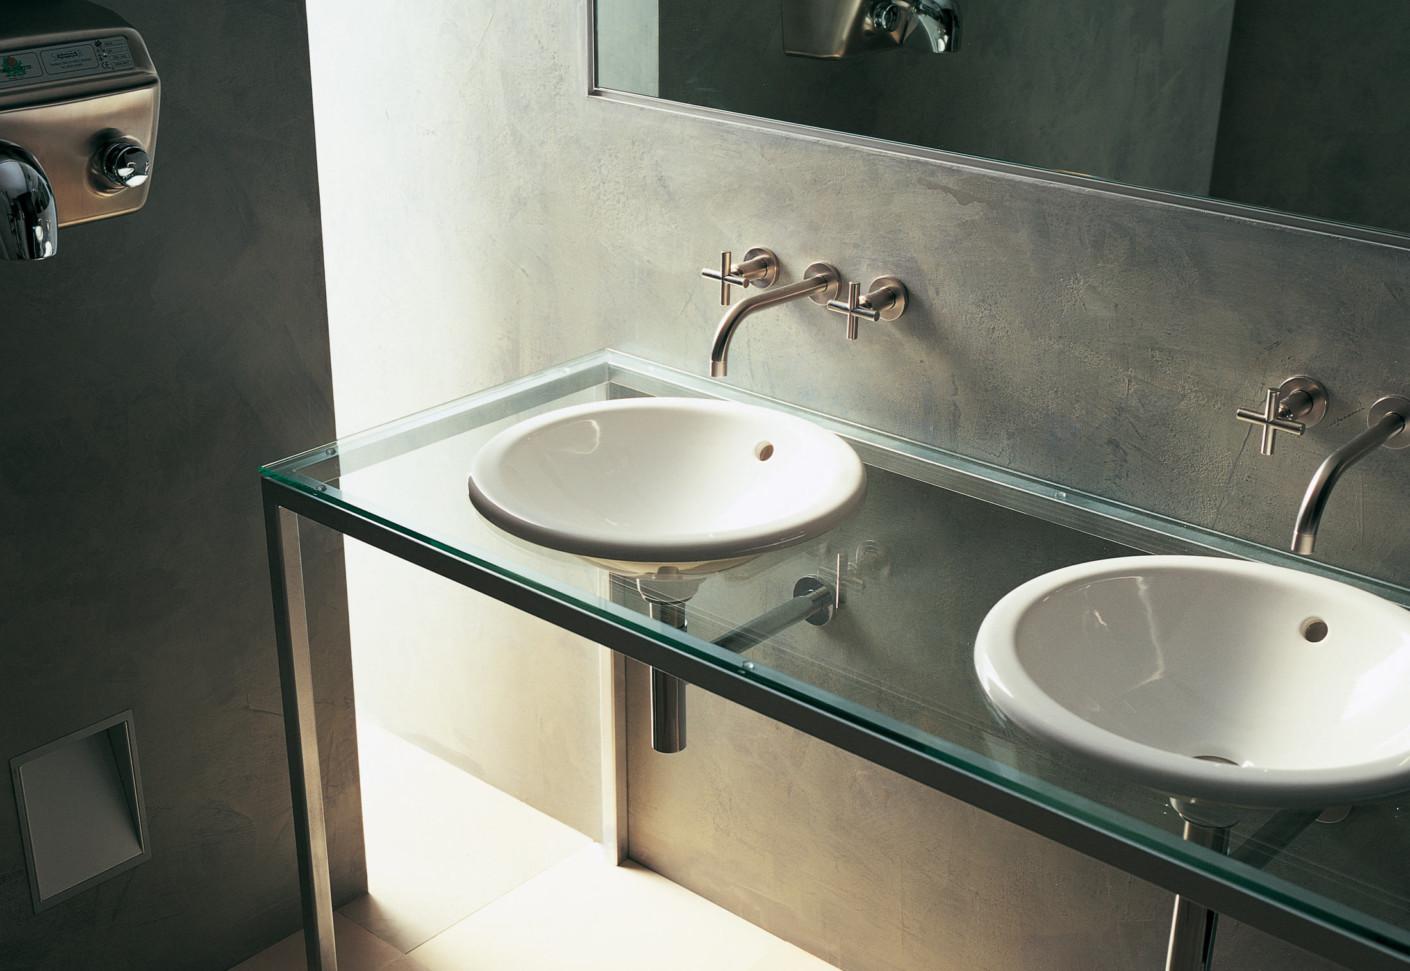 Architec washbasin by duravit stylepark for Duravit architec washbasin